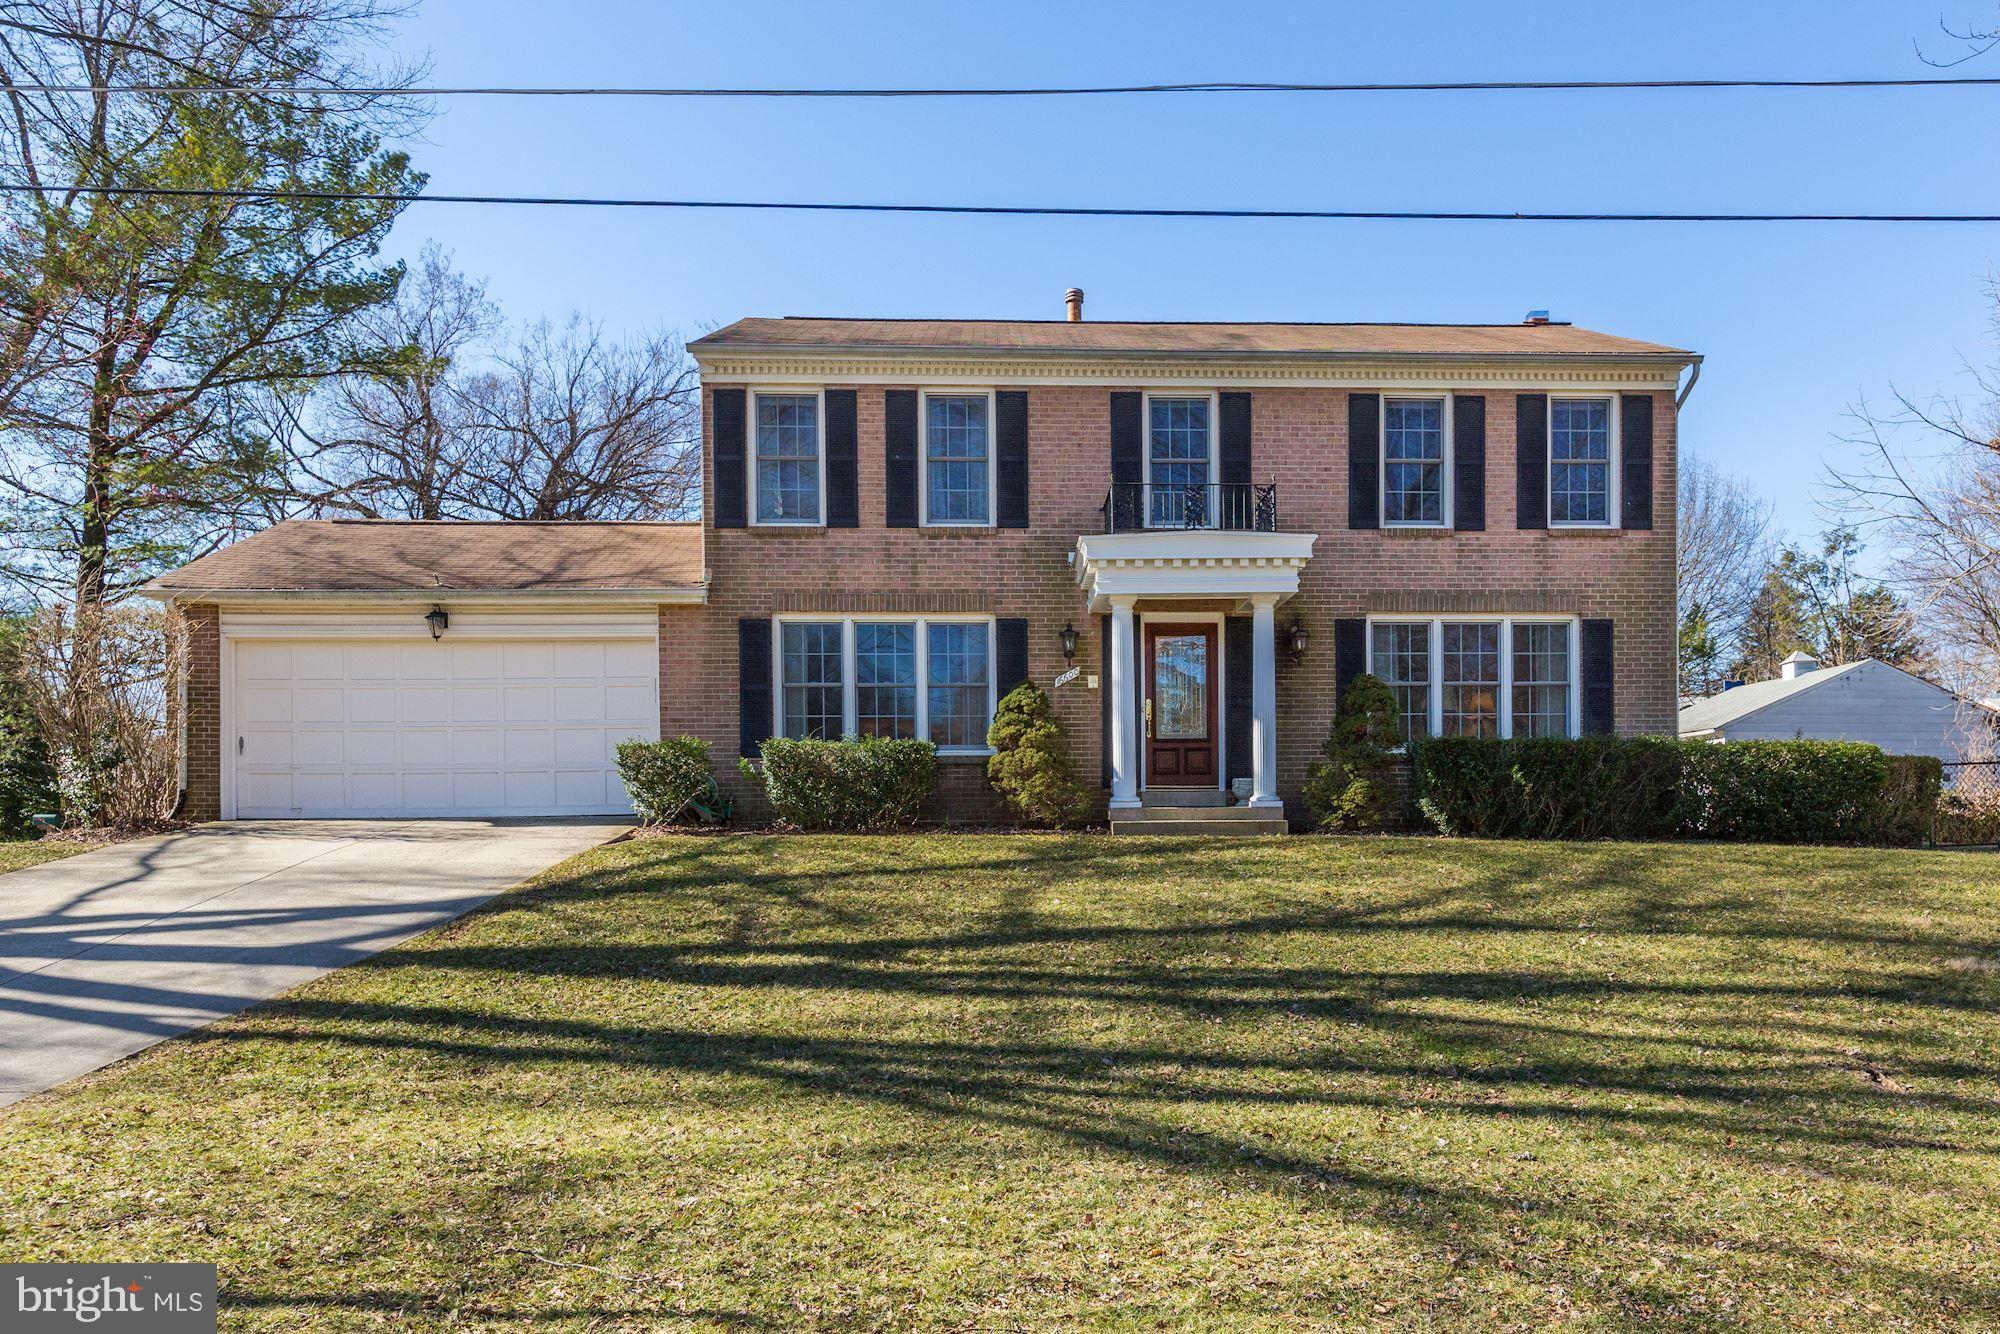 16600 Shea Ln, Gaithersburg, MD, 20877